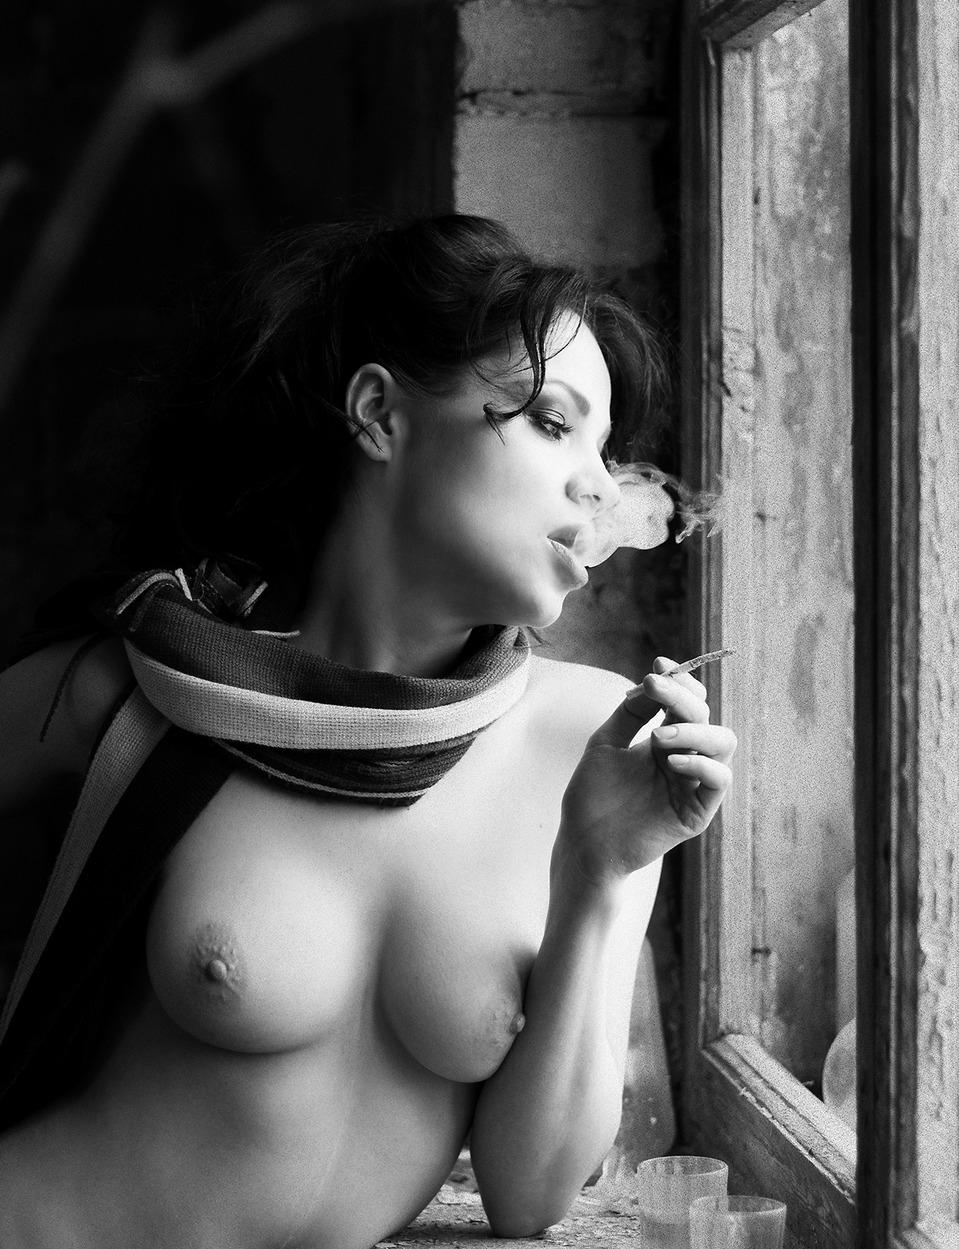 Фото голых курящих девчонок — 10